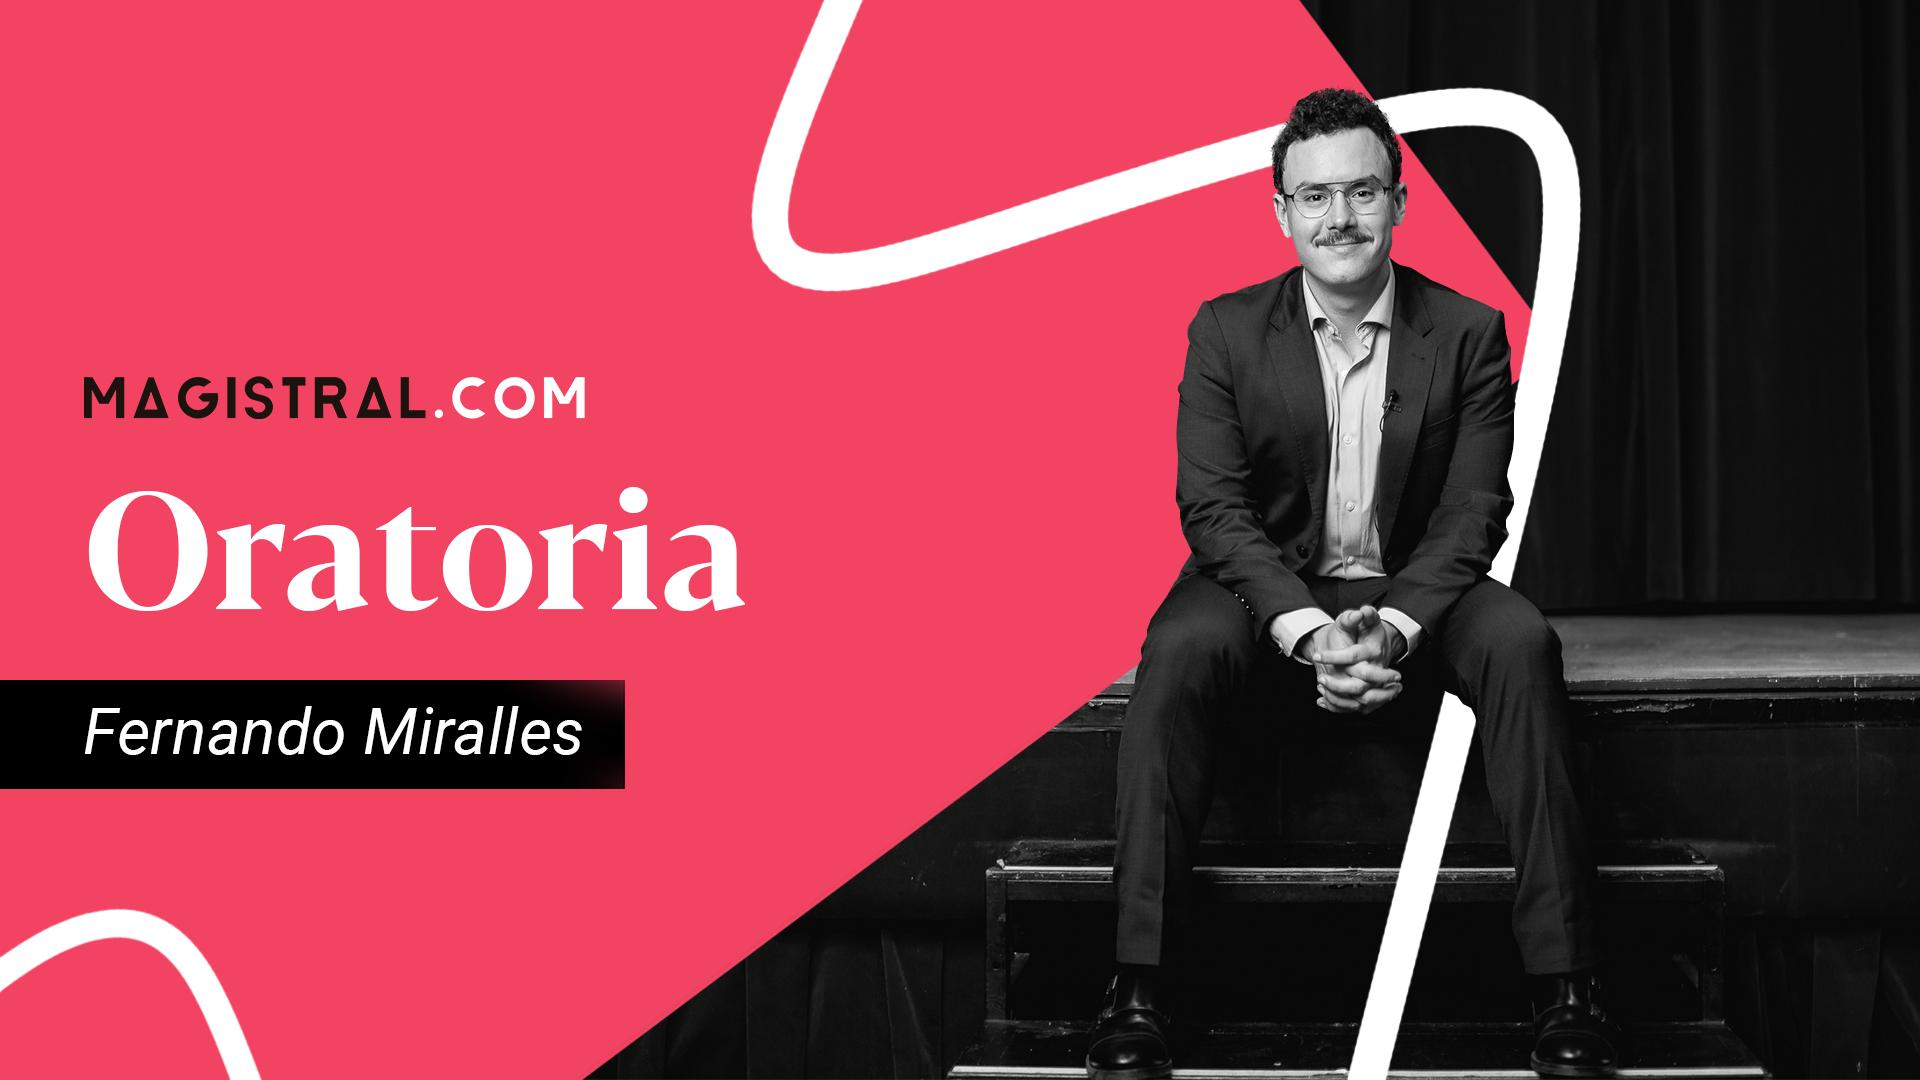 Fernando Miralles, Orador, aprende a hablar en público, CEO y comunicador en Saber Comunicar